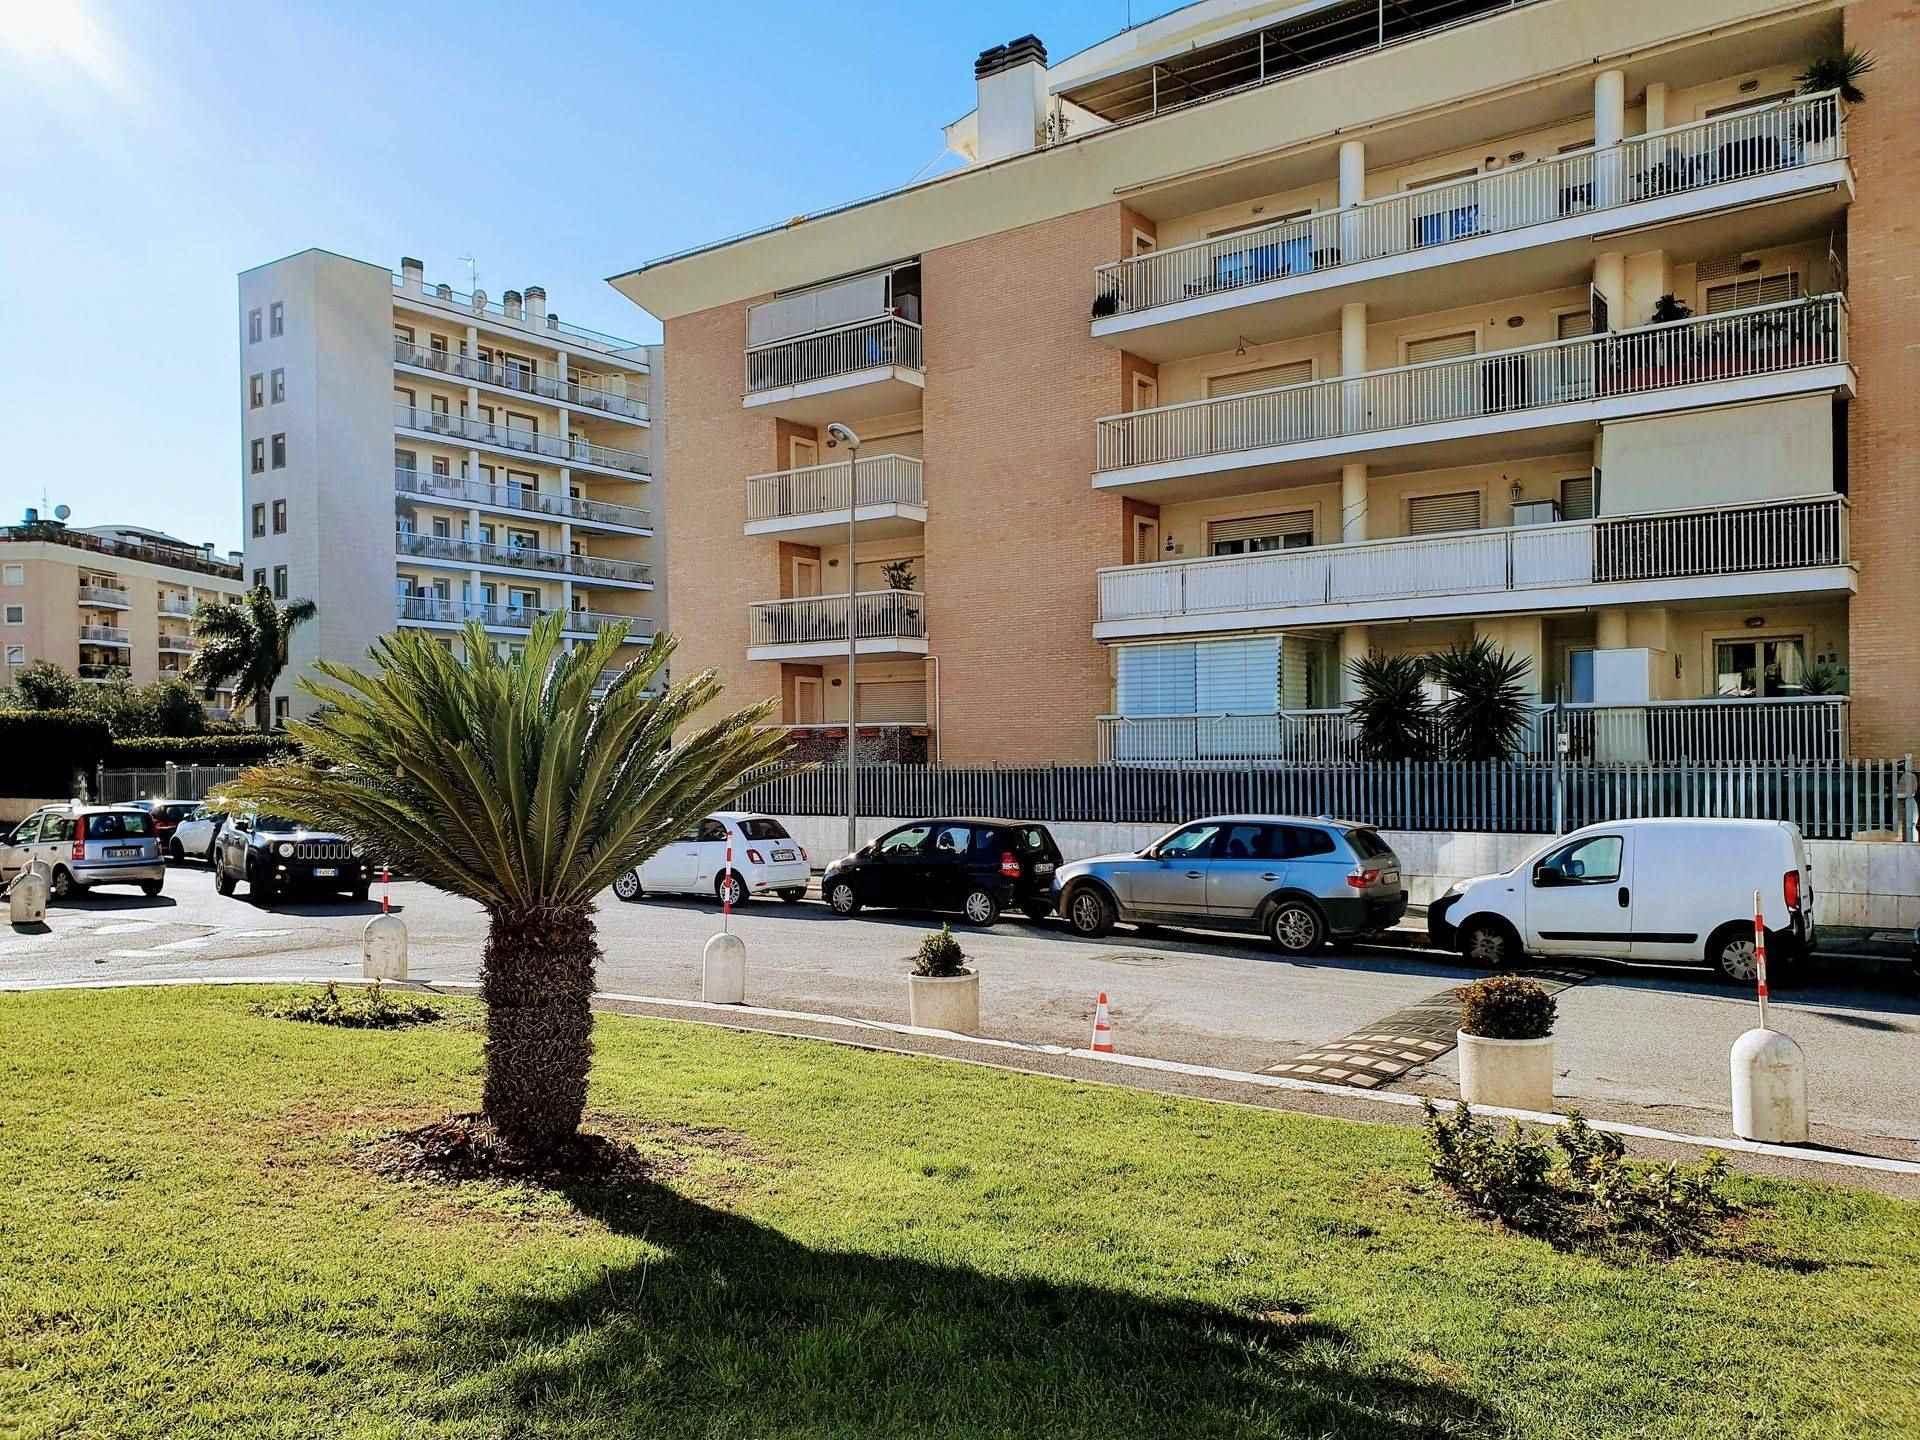 Appartamento in vendita a Roma, 2 locali, zona Località: PARCO DEI MEDICI, prezzo € 199.000 | CambioCasa.it